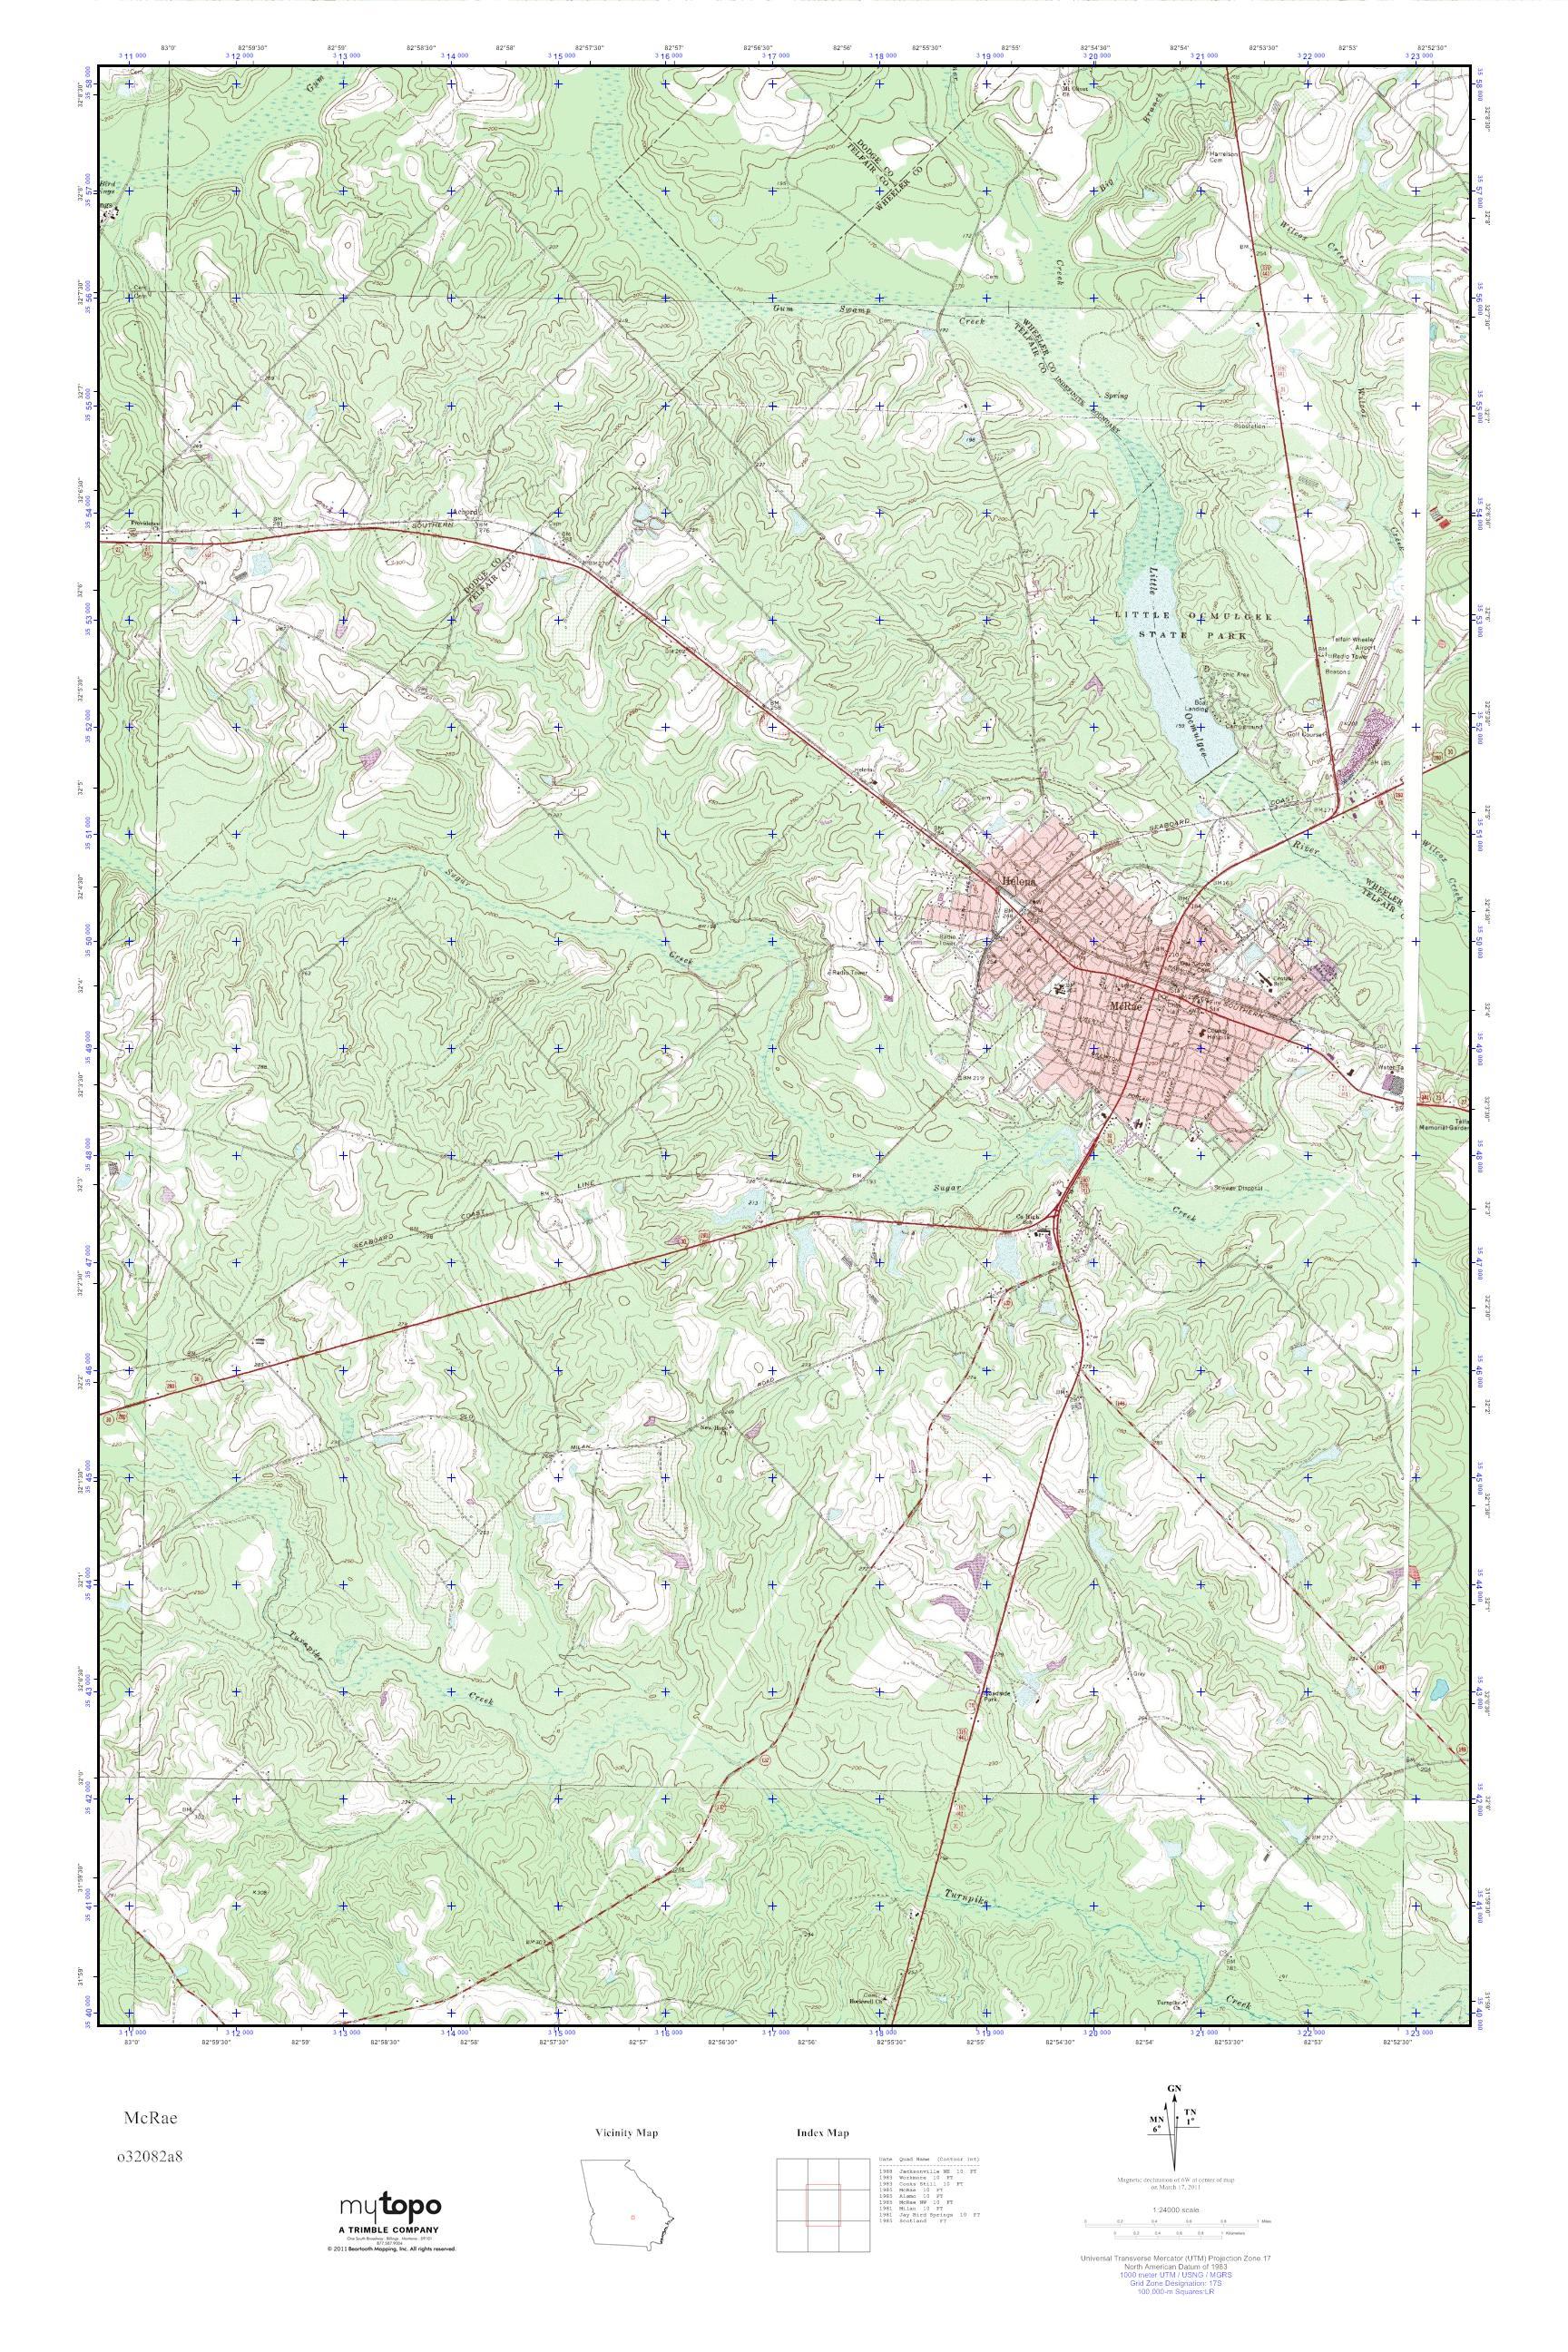 Mytopo Mcrae Georgia Usgs Quad Topo Map